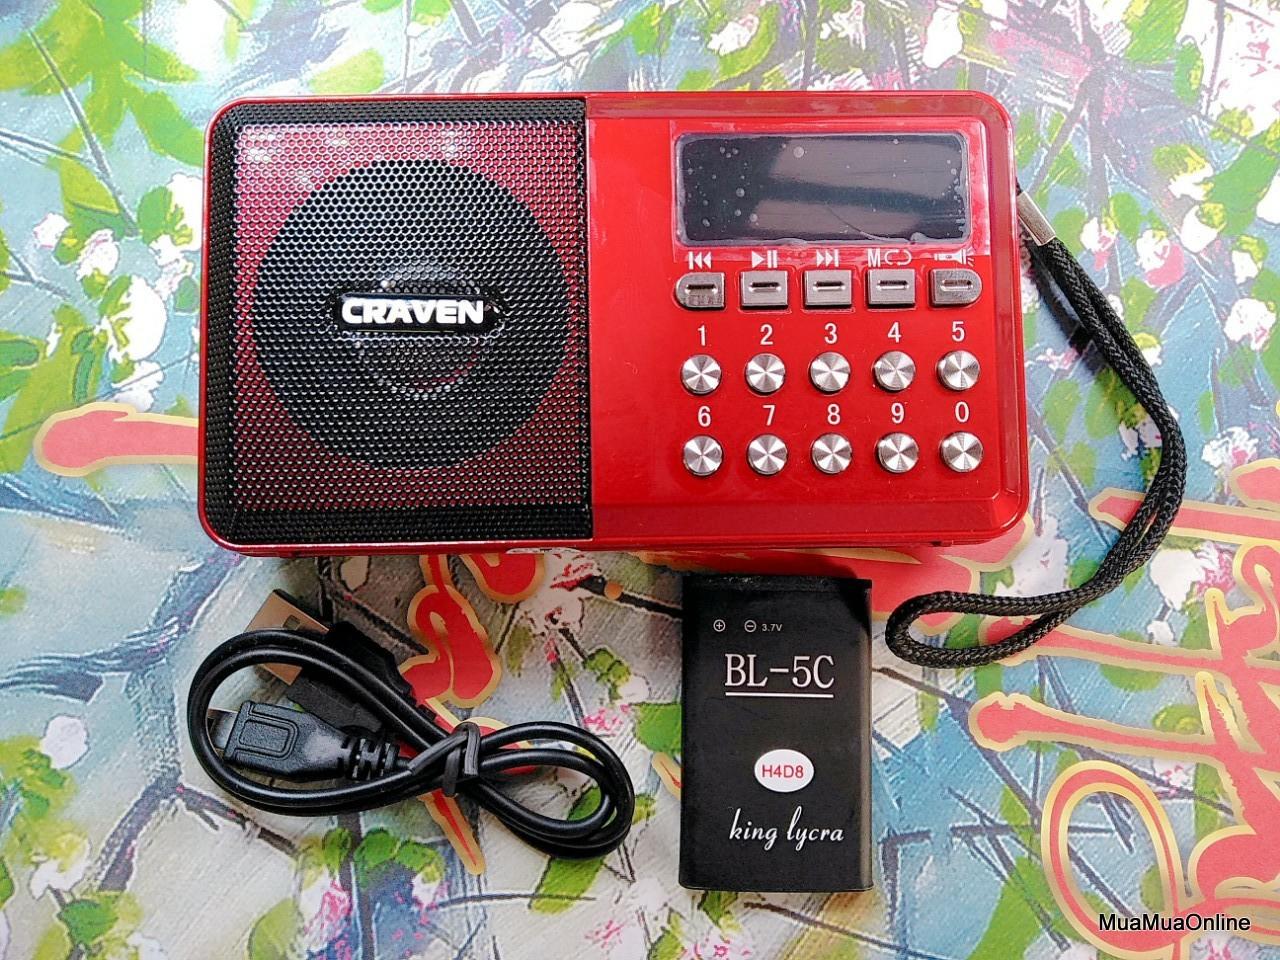 Loa Nghe Nhạc Usb Thẻ Nhớ Fm Craven Cr-65 Có Đèn Pin Siêu Sáng Cao Cấp